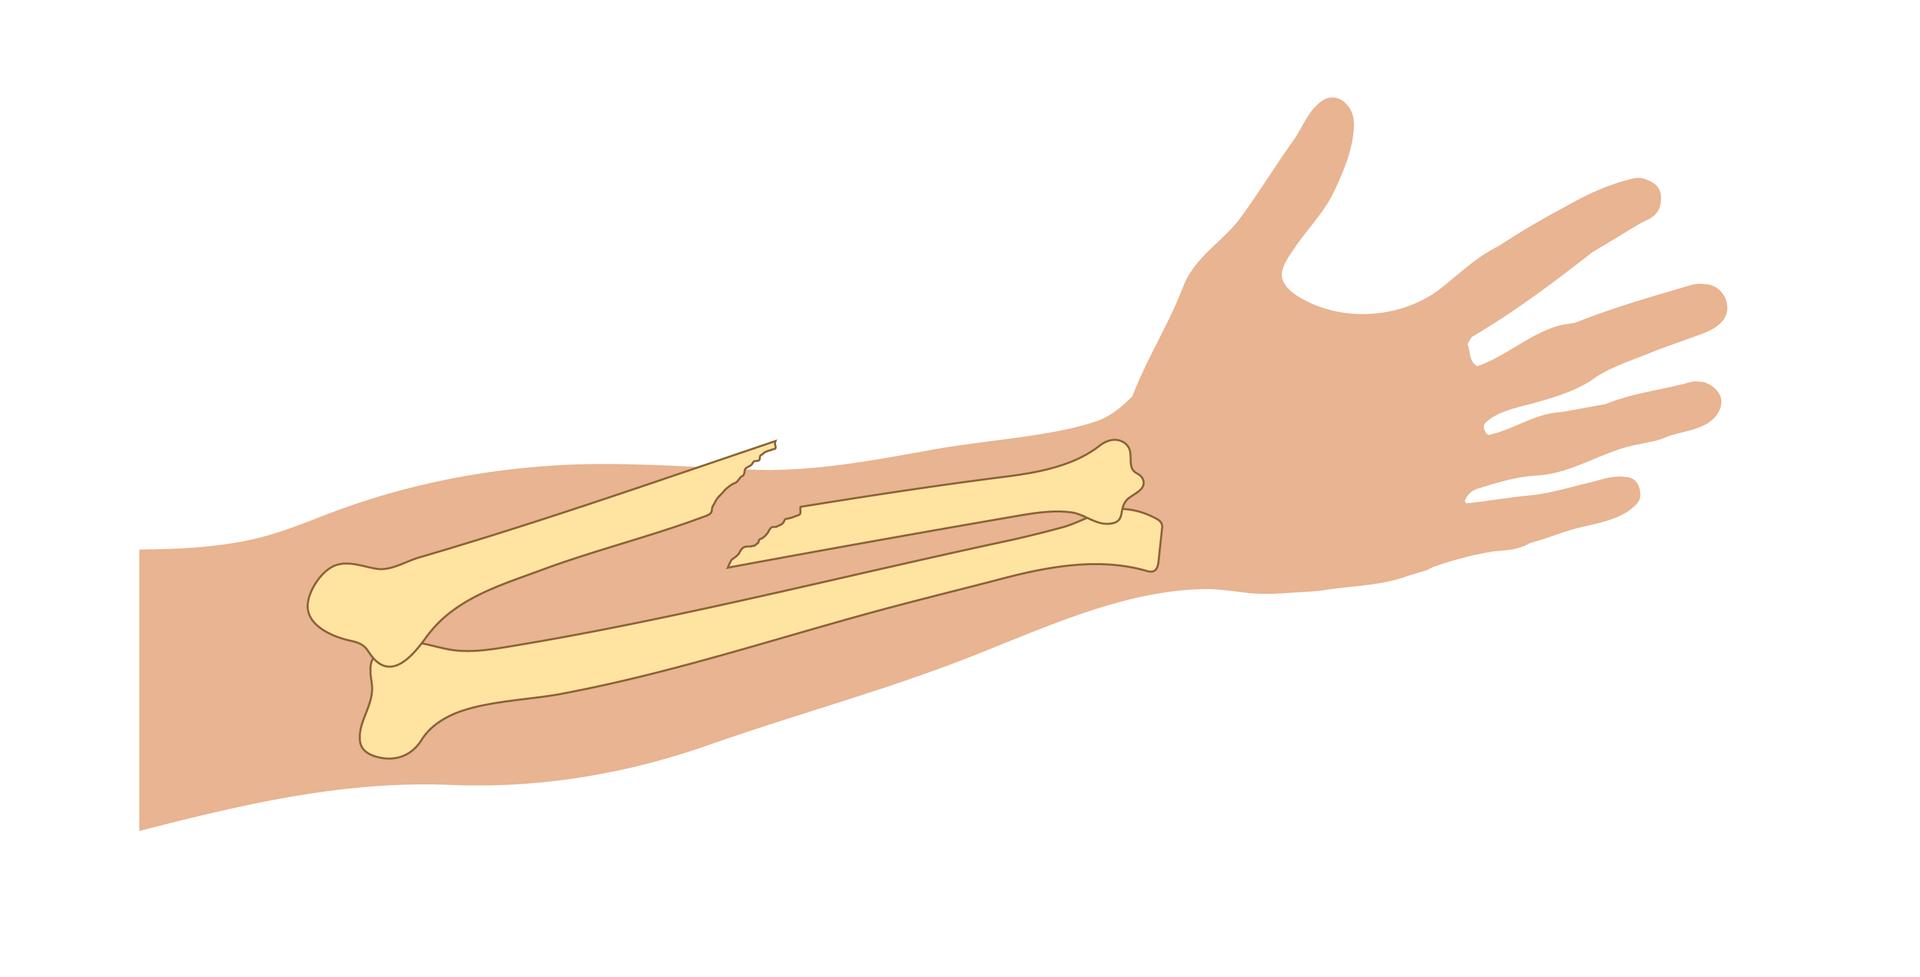 Galeria prezentuje rodzaje złamań na przykładzie rysunku przedstawiającego kości przedramienia. Ilustracja przedstawia zarys przedramienia prawej ręki skierowany wyprostowanymi palcami wprawą stronę. Na ilustrację naniesiono schematyczne rysunki kości przedramienia ułożone równolegle do siebie. Przykład numer pięć przedstawia złamanie przebiegające pod kątem ostrym do krawędzi kości. Ostro zakończony koniec kości przebija skórę iwystaje poza ciało.